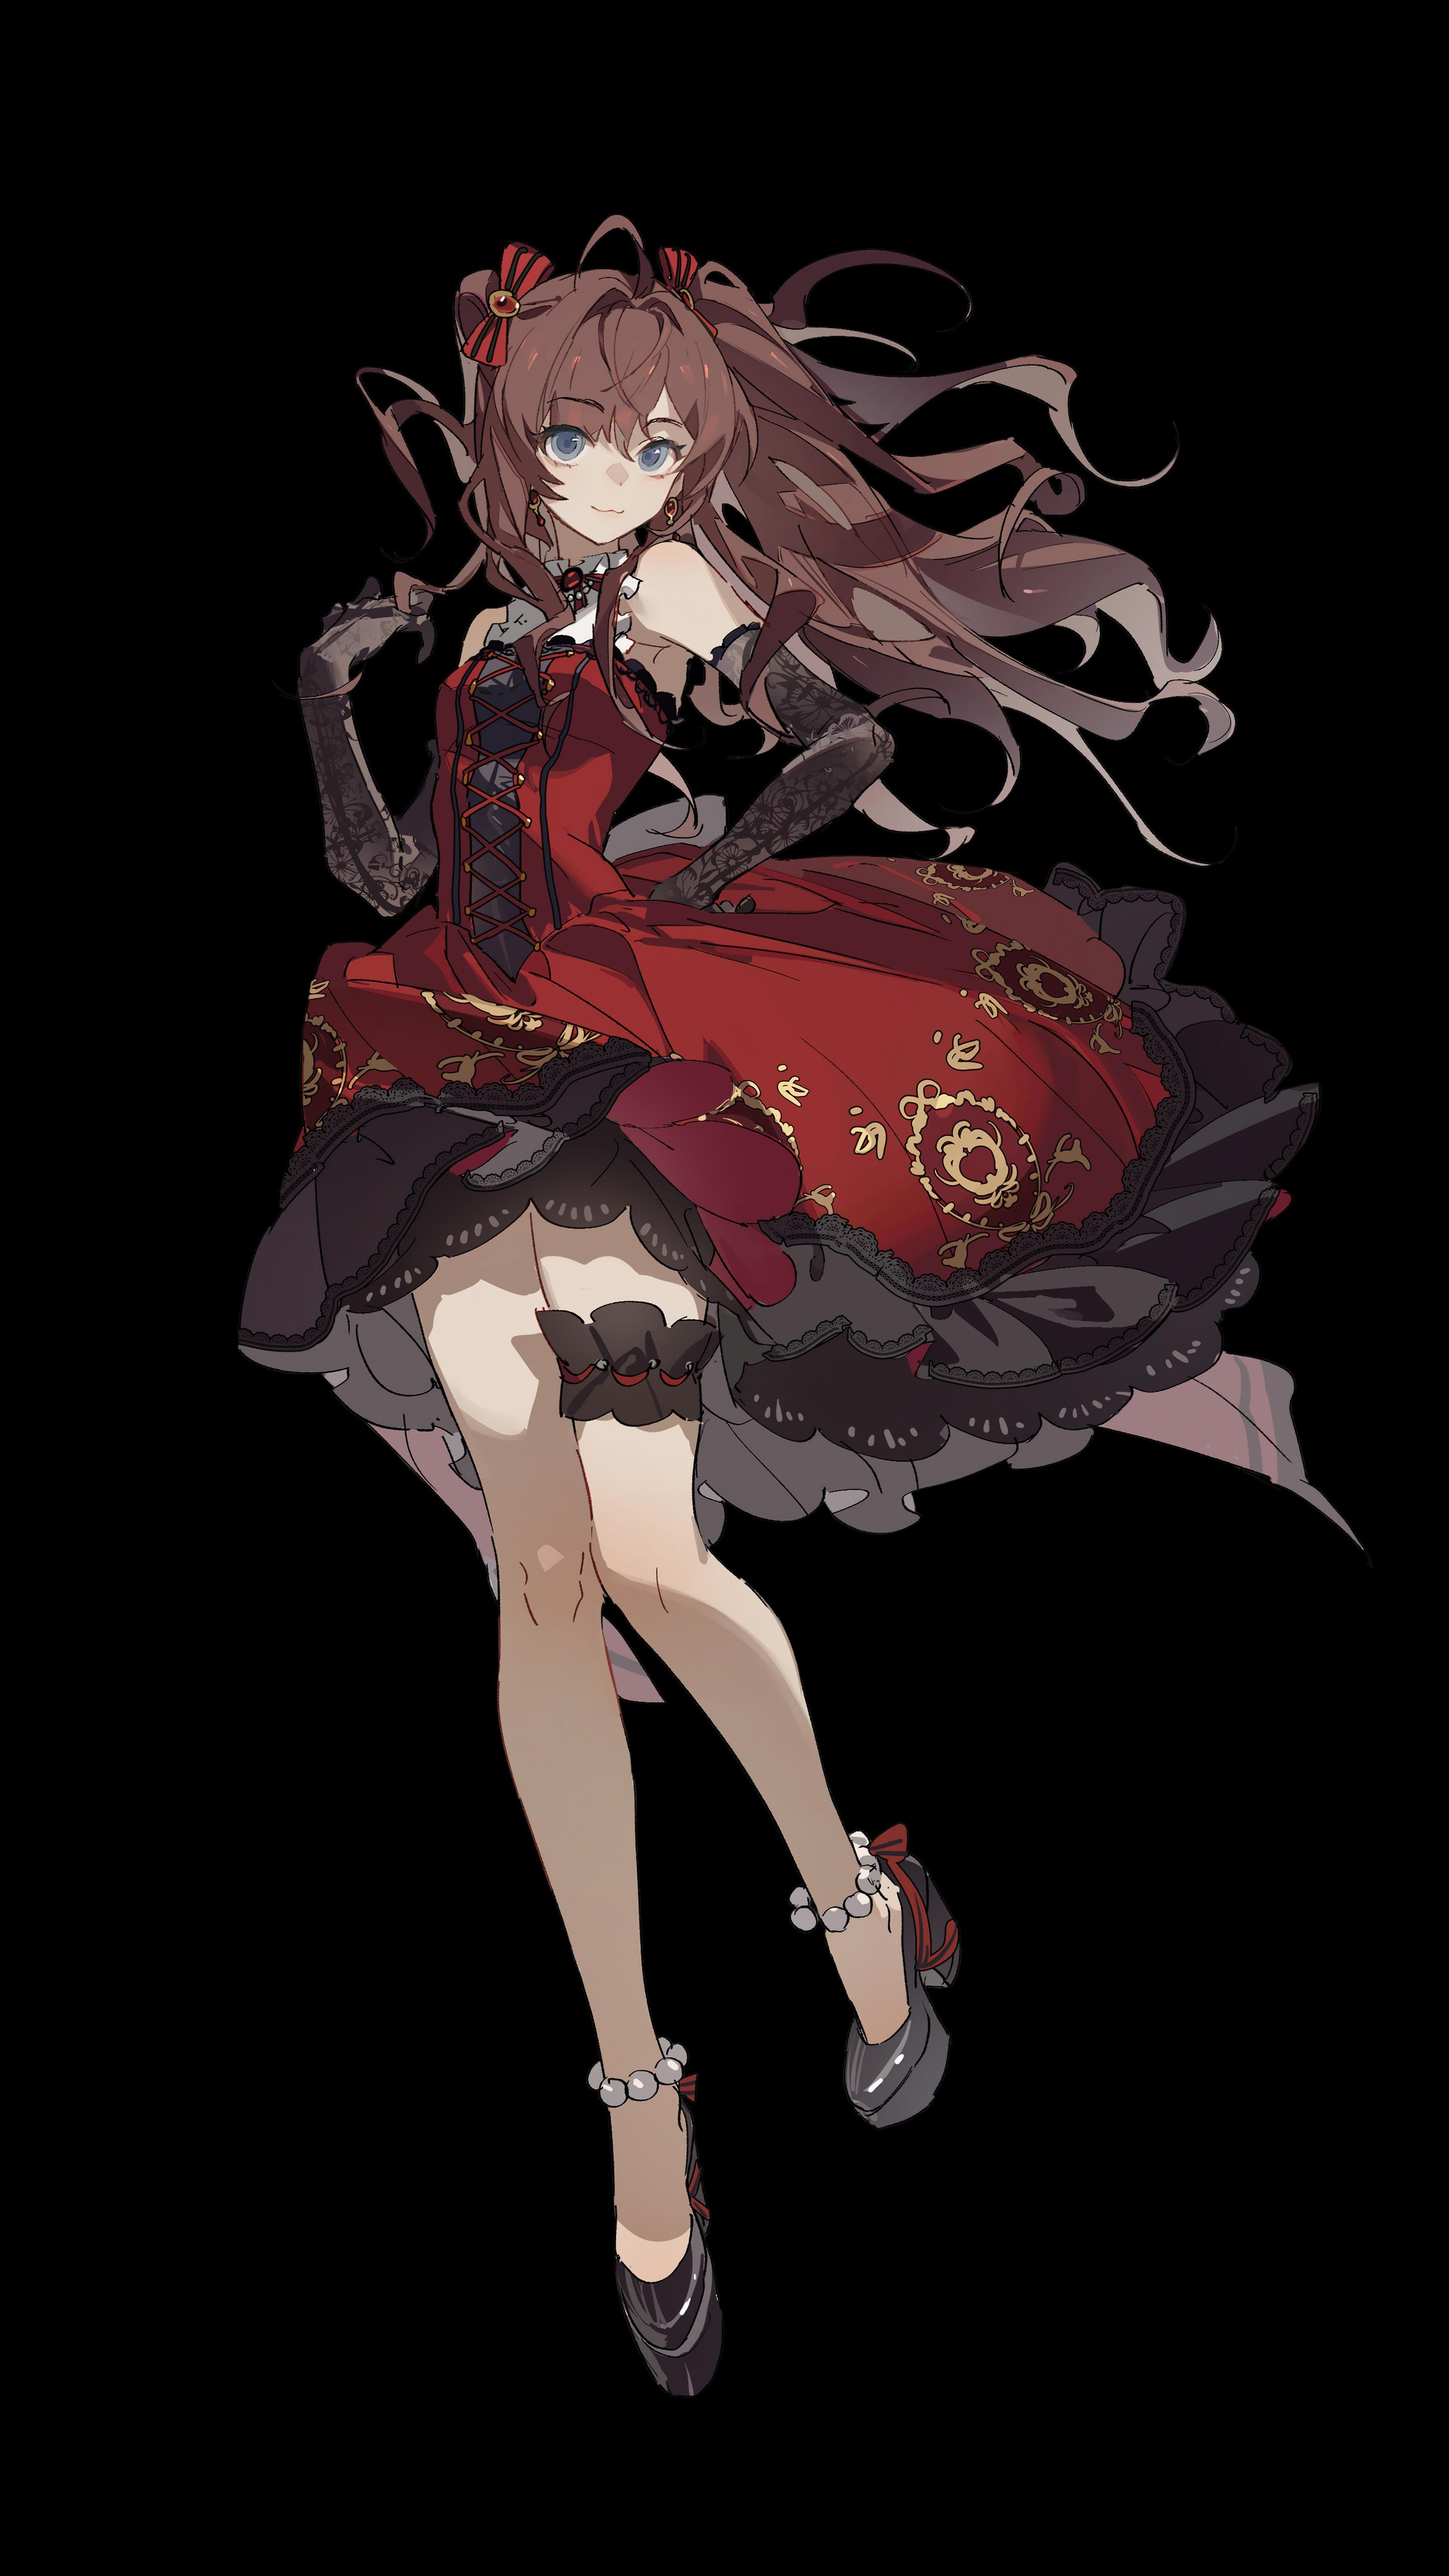 Shiki IchinoRR [ThR IdolmaRRRr: CindRrRlla GirlR] [AMOLED] (2880x5120)+